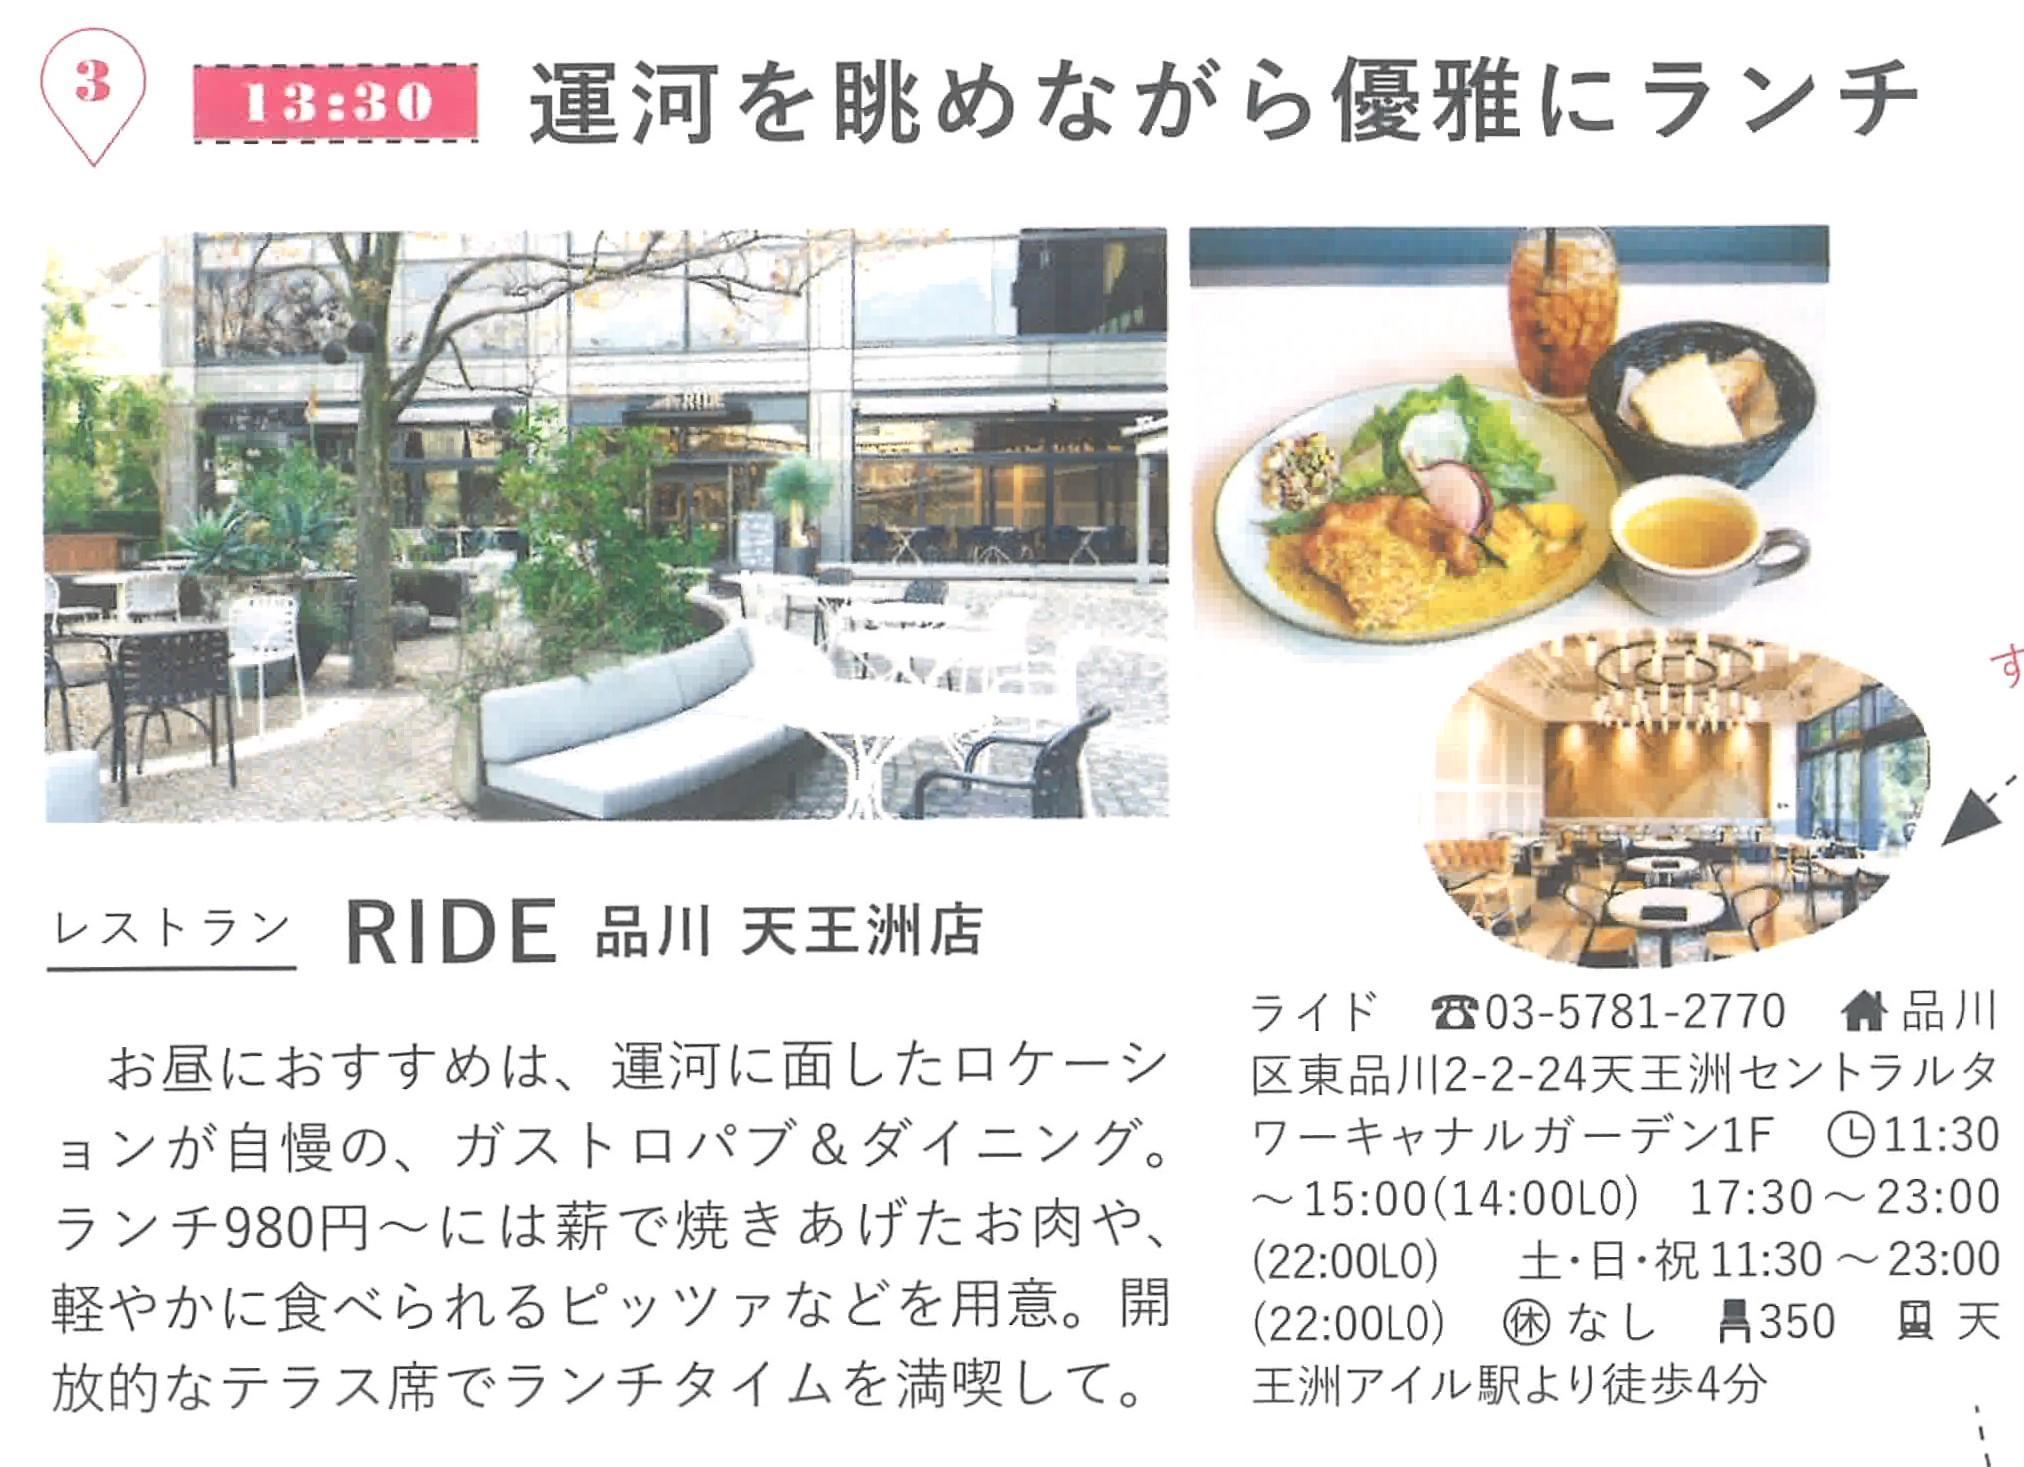 shuumatsupurattoatarasiitokyohunatabi_ride&besideseaside_2019②.jpg